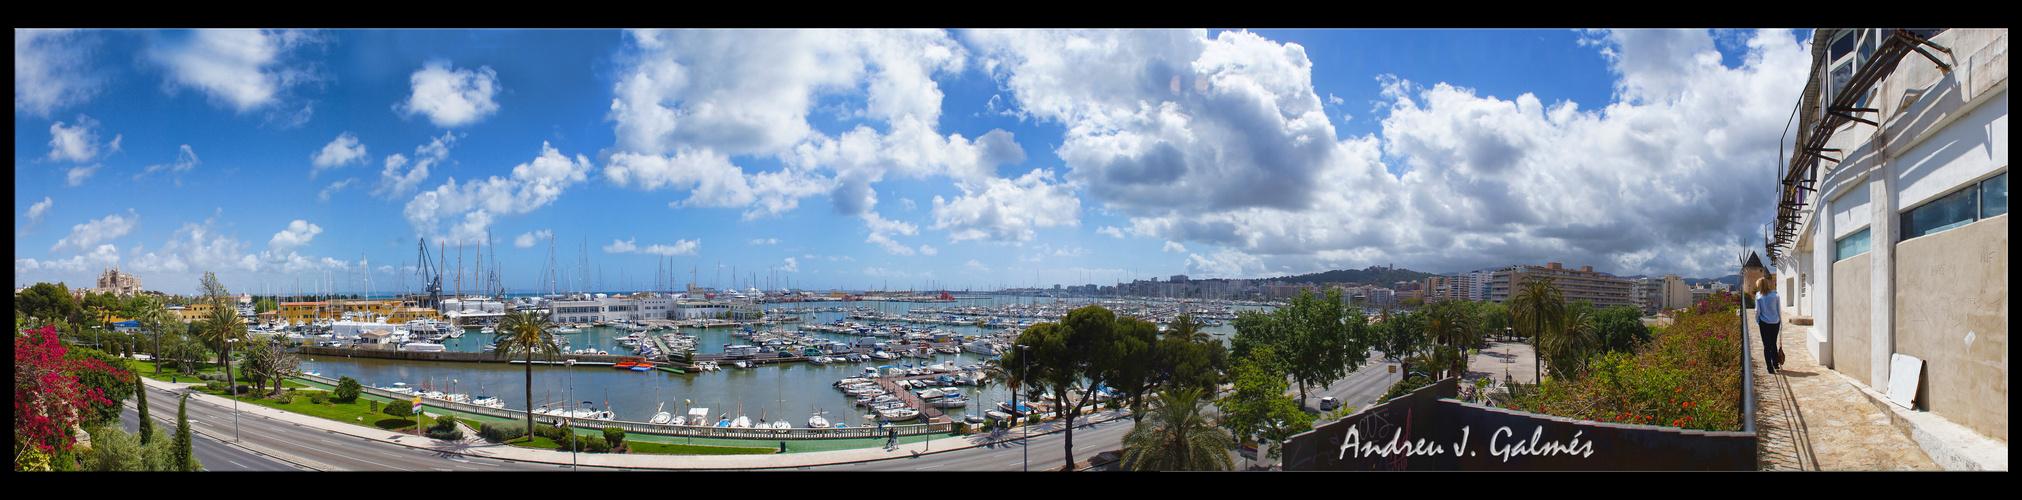 Passeig Marítim de Palma